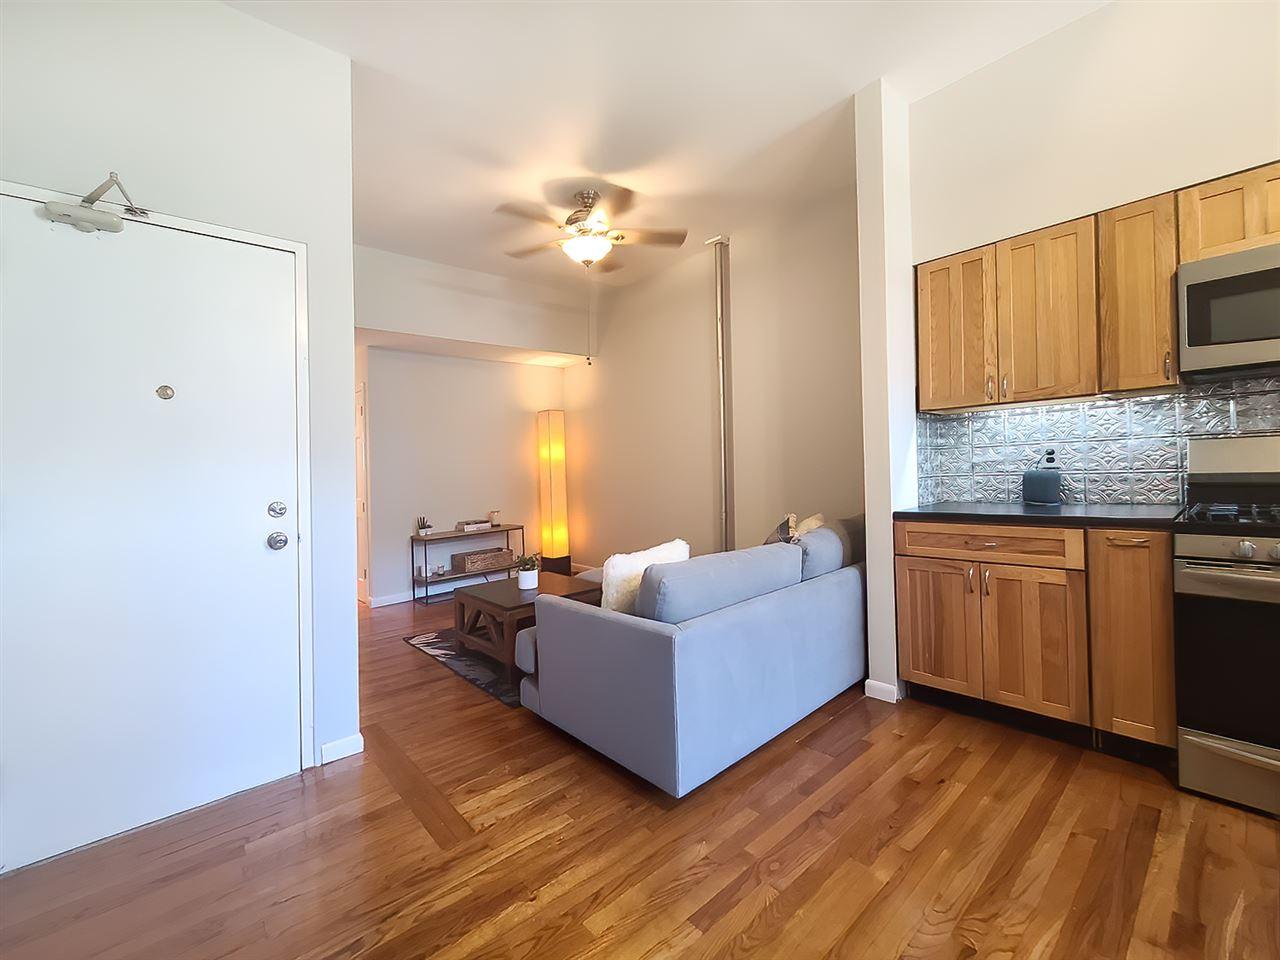 627 WILLOW AVE, Hoboken, New Jersey 07030, 2 Bedrooms Bedrooms, ,1 BathroomBathrooms,Condominium,For Sale,627 WILLOW AVE,202015516